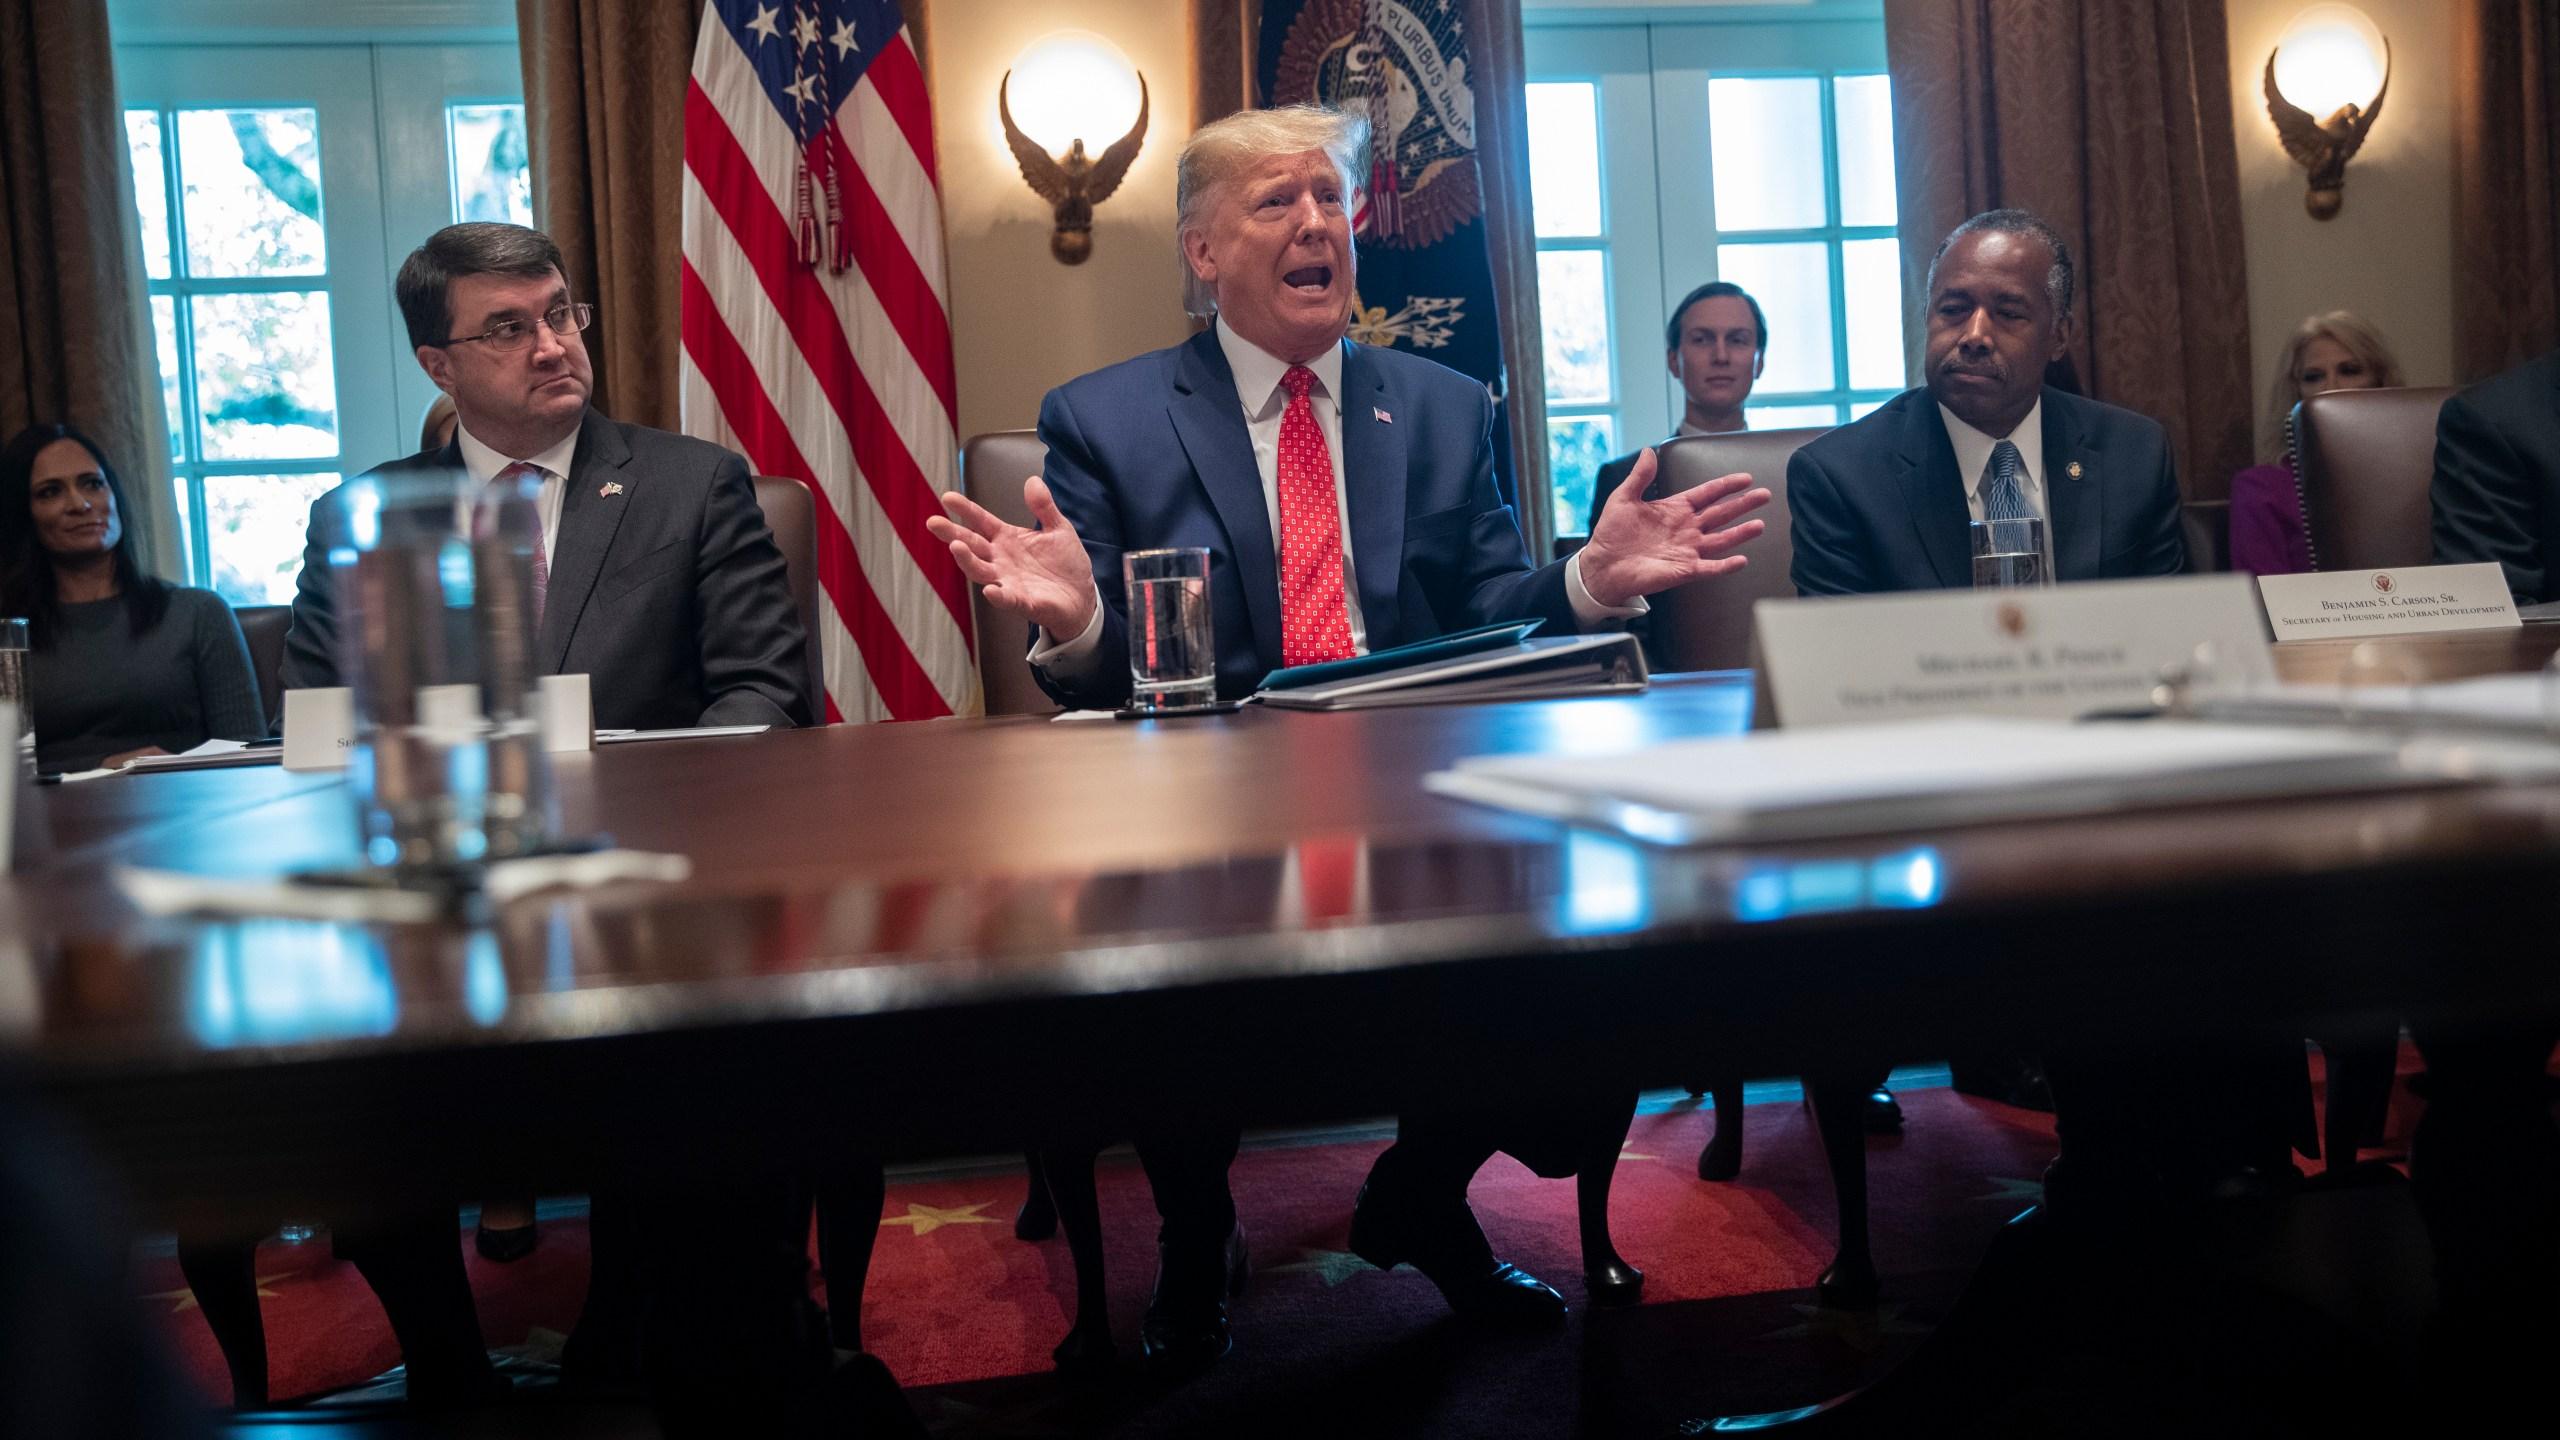 Donald Trump, Ben Carson, Robert Wilkie